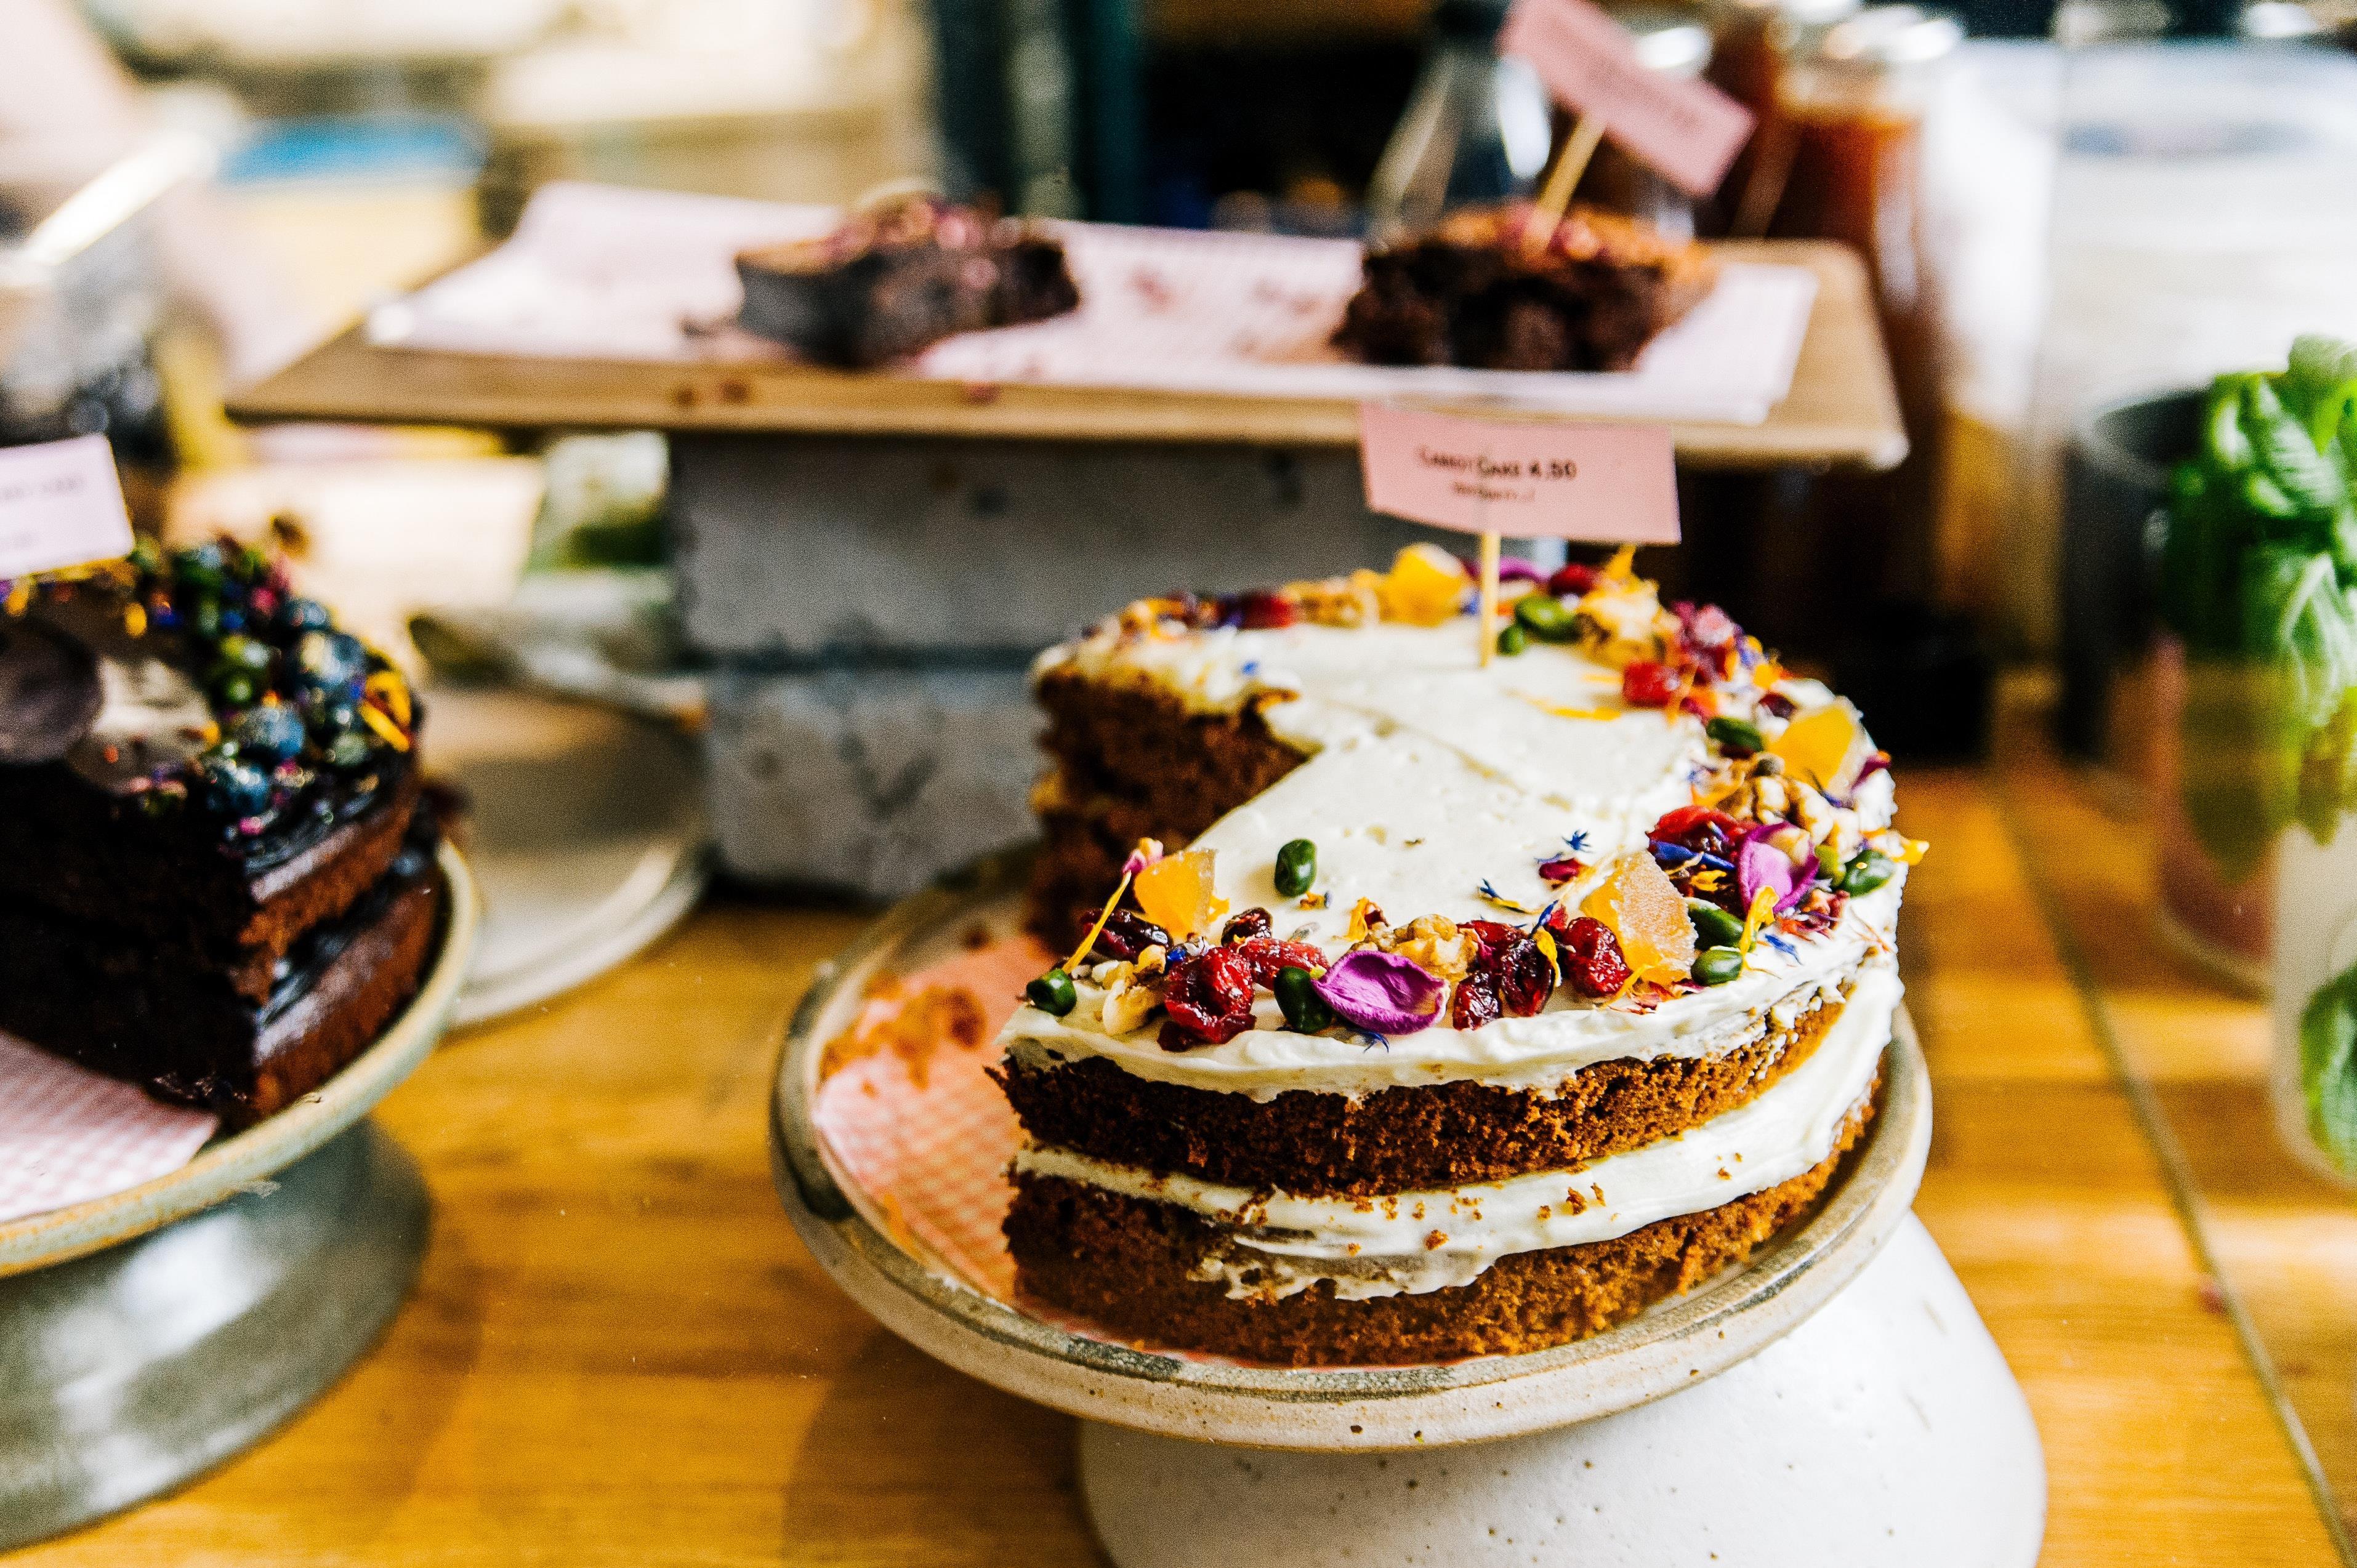 Copertina frasi sulle torte